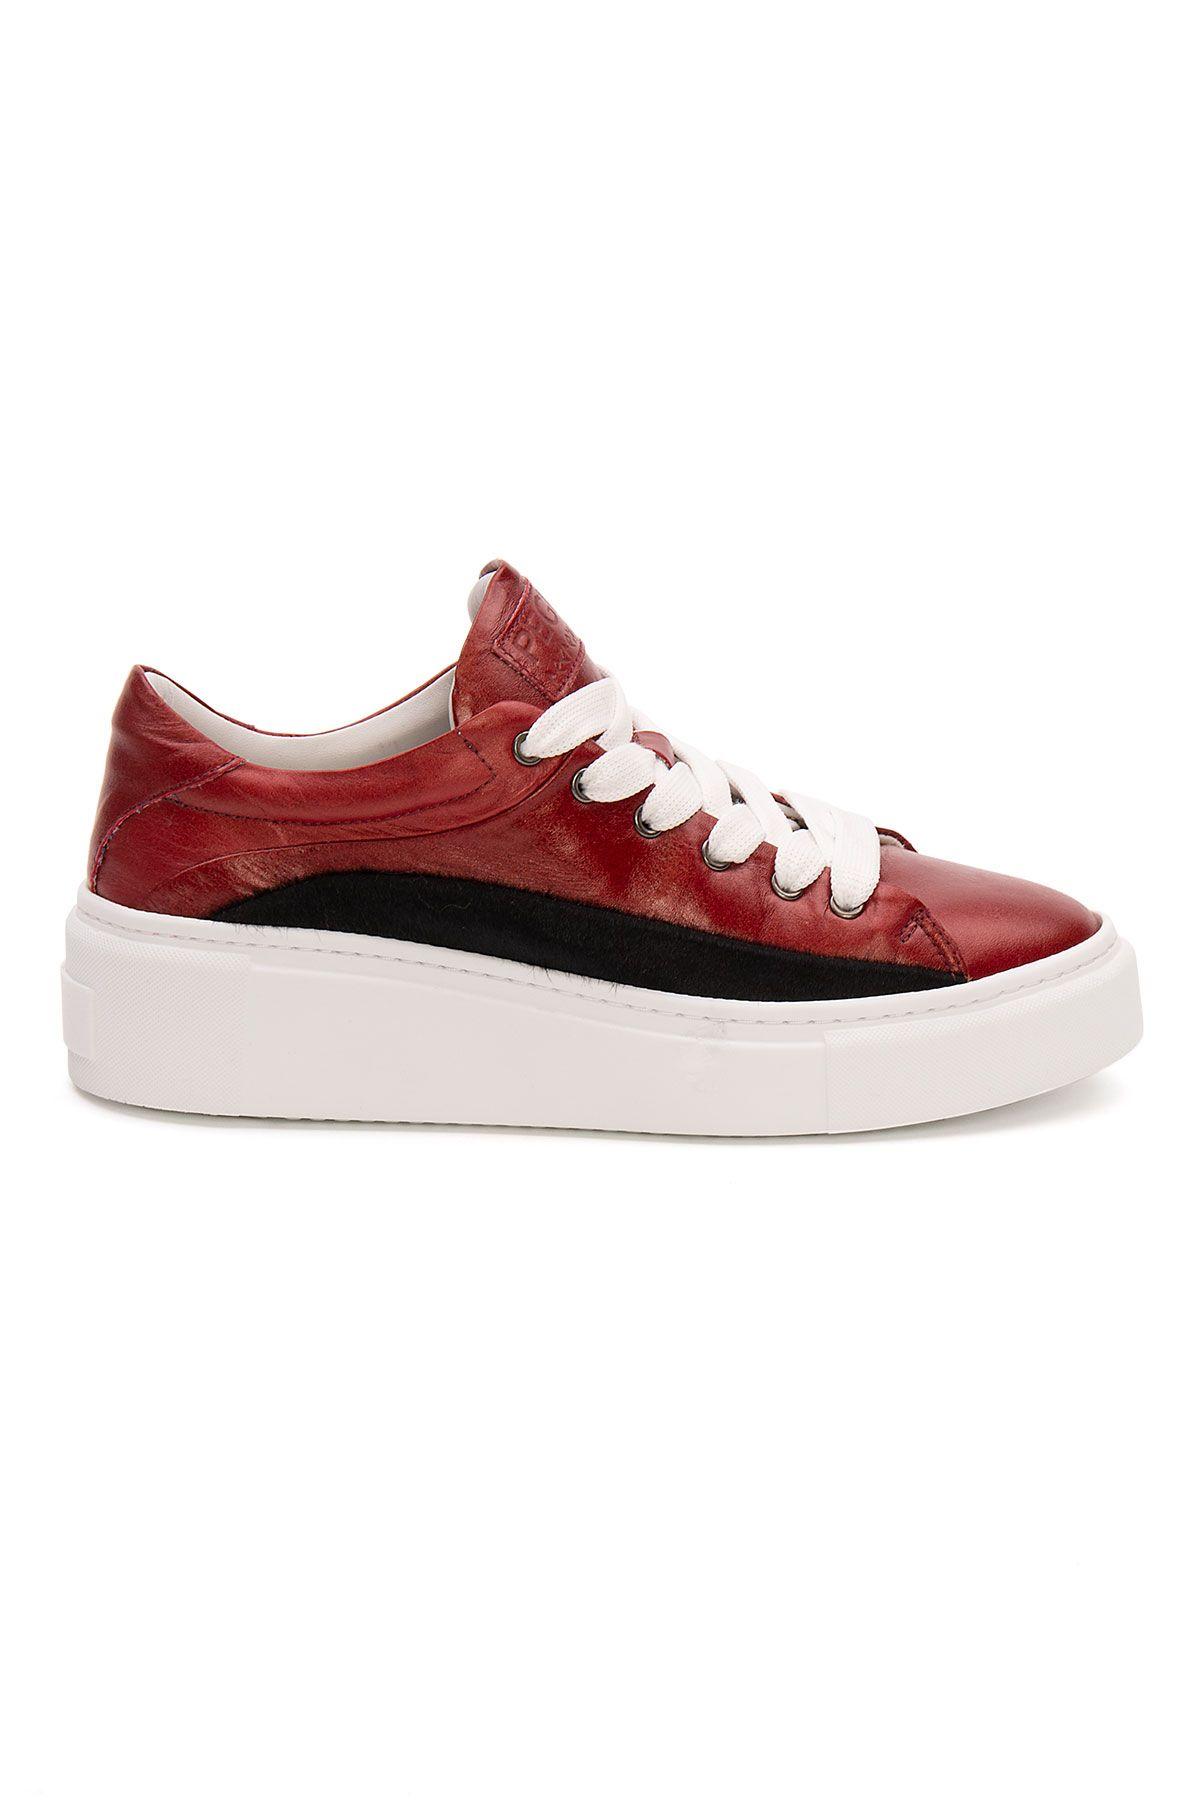 Pegia Genuine Leather Women's Sneaker LA1611 Red